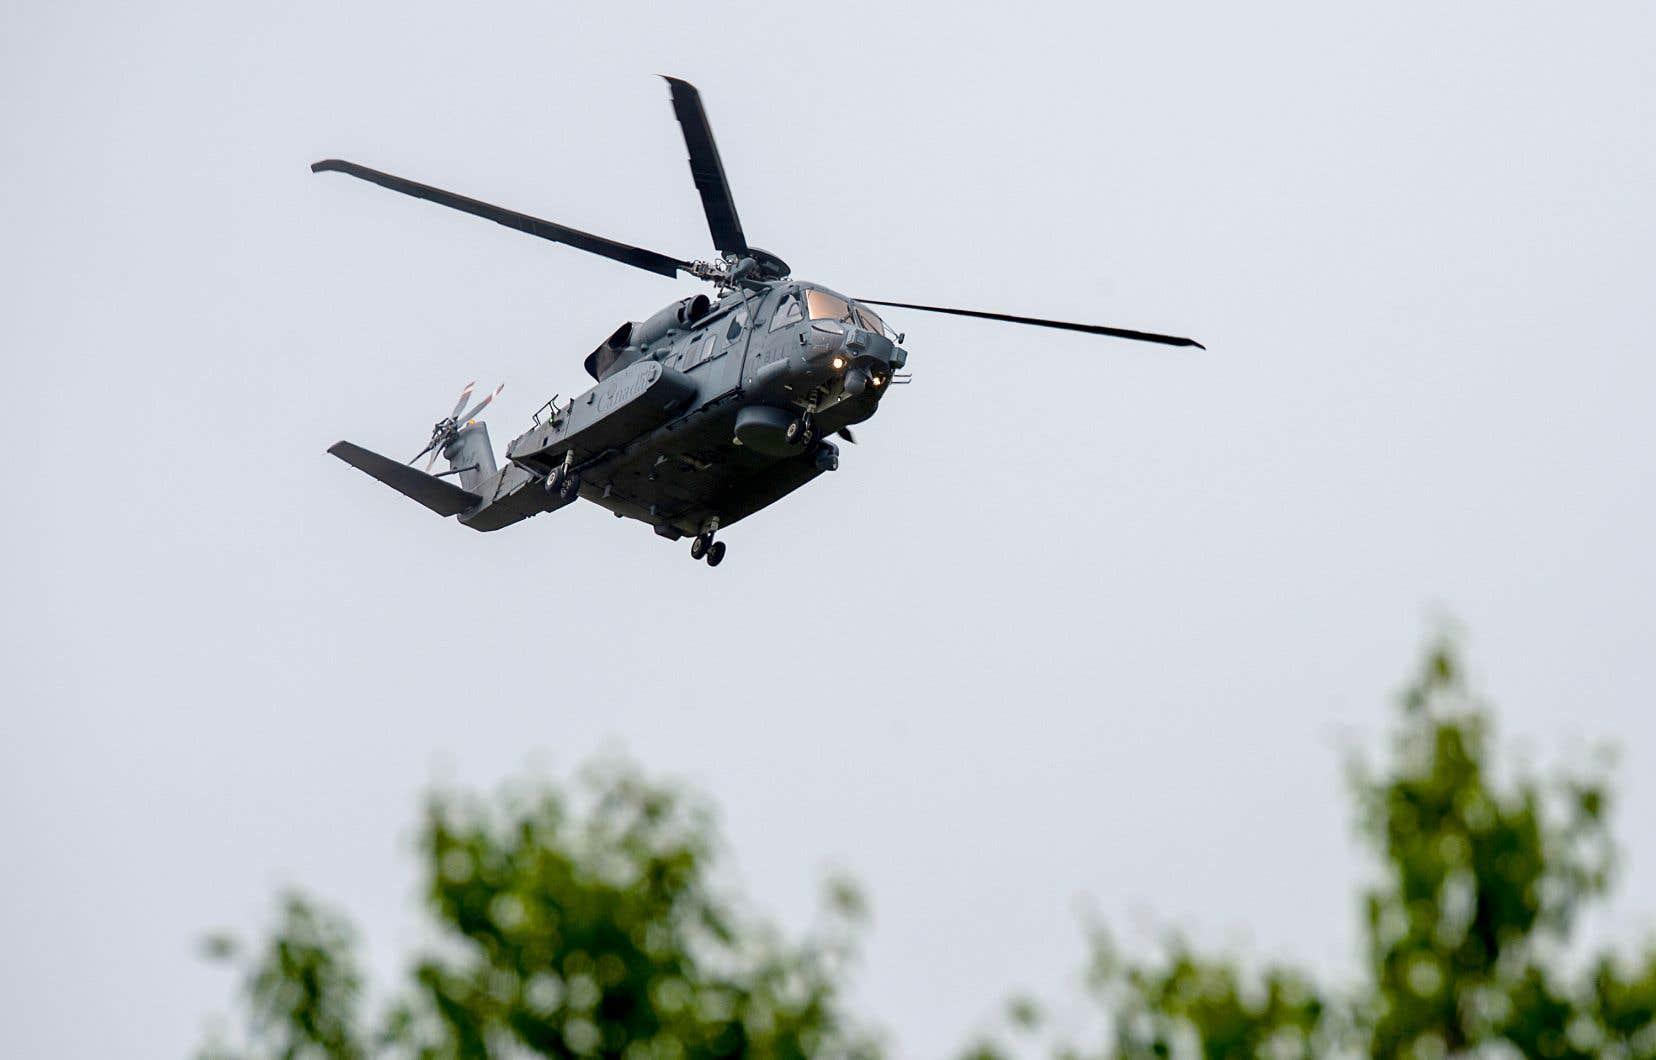 Les CH-148 Cyclone sont généralement déployés à bord de frégates canadiennes et utilisés pour la recherche et le sauvetage, la surveillance et la guerre anti-sous-marine.